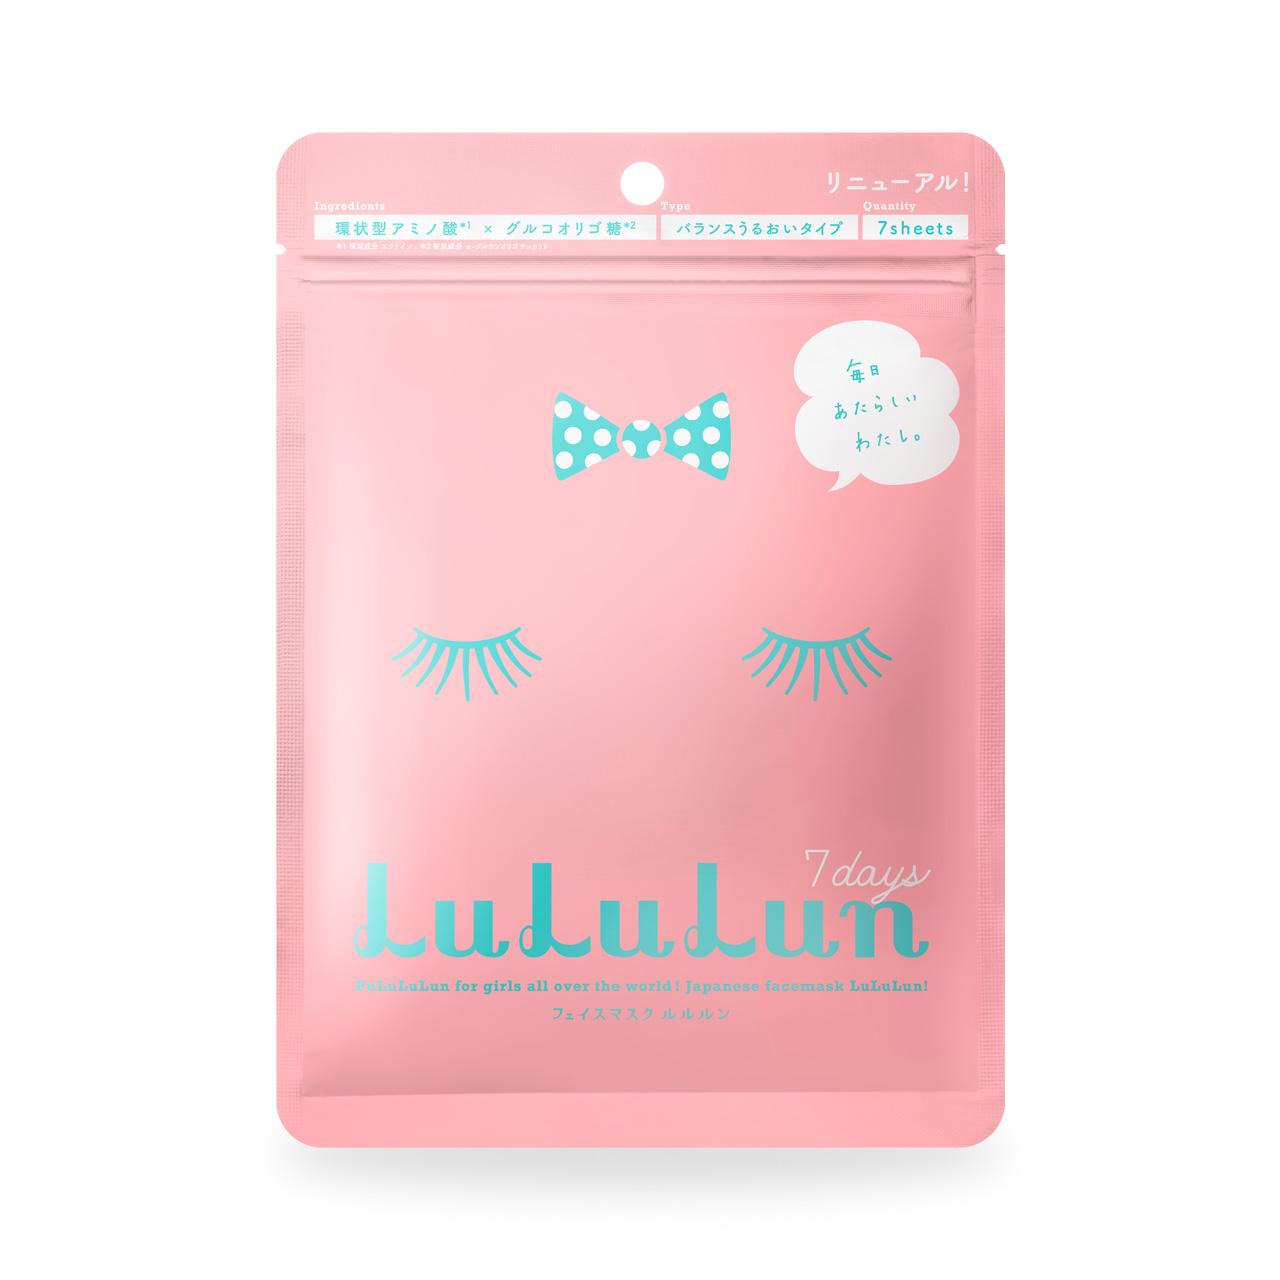 これからの季節、テカリや乾燥が気になる方は ルルルンレギュラータイプがおすすめ💖 毎日使いのルルルンで、みんなもモチモチ美肌を手に入れよう!   中には飽きっぽいLIPS女子もいると思うけど7枚入りもあるからオススメ💖  まずはお試し7日間!!!  #ルルルン,#lululun,#バランスうるおいタイプ #美容好きな人と繋がりたい,#美肌,#美肌ケア,#美肌効果,#スキンケア  💕ルルルン公式SNS💕 新商品ニュースも配信中ᵕ ᵕ♪ LINE:http://bit.ly/2H4MPZR Instagram:https://www.instagram.com/lululun_jp/ Twitter:https://twitter.com/lu3jp Facebook:https://www.facebook.com/lu3jp